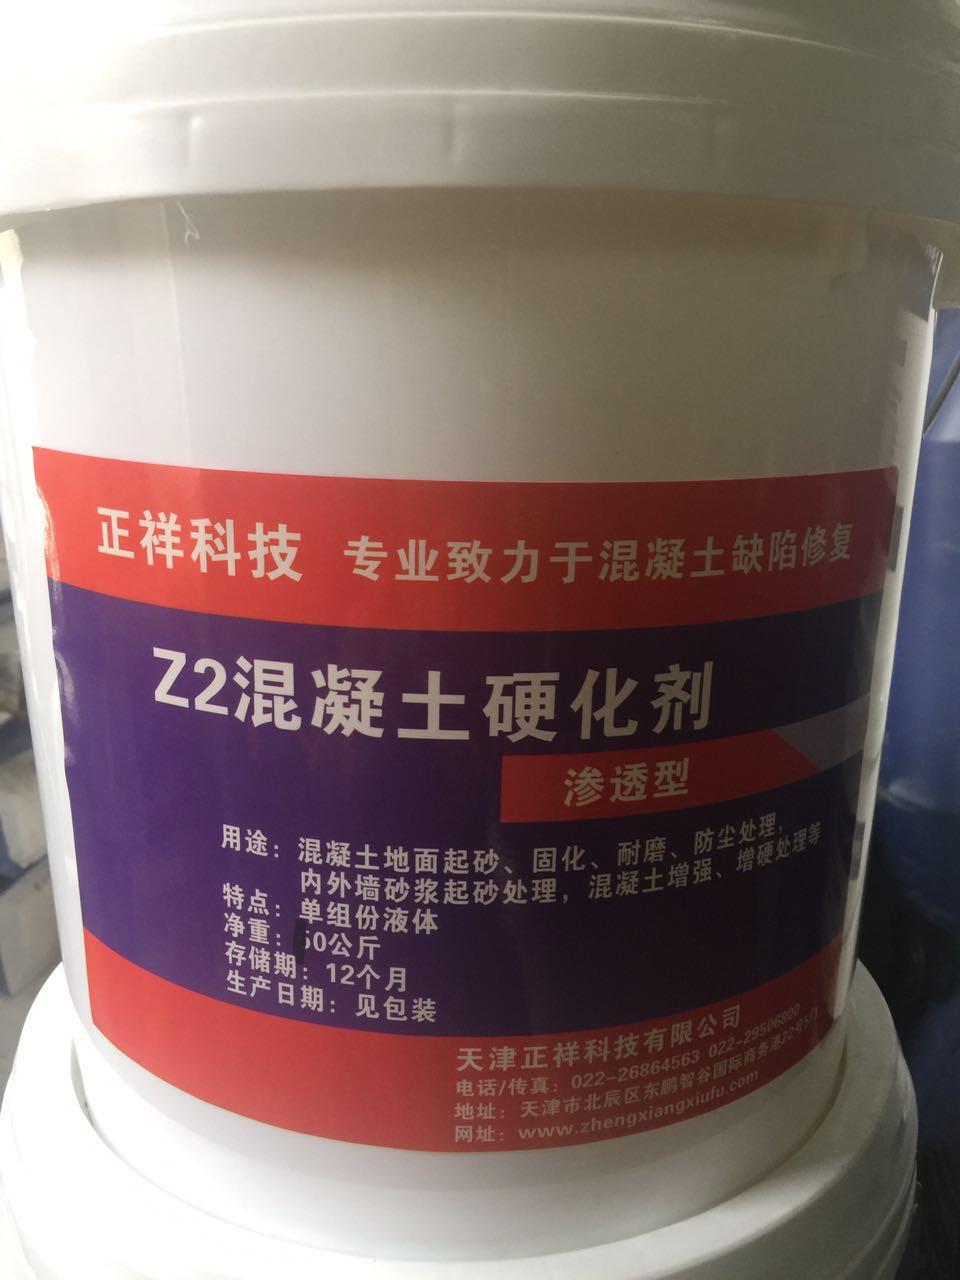 混凝土增强剂快速起效持久增强/效果没的说产品大图